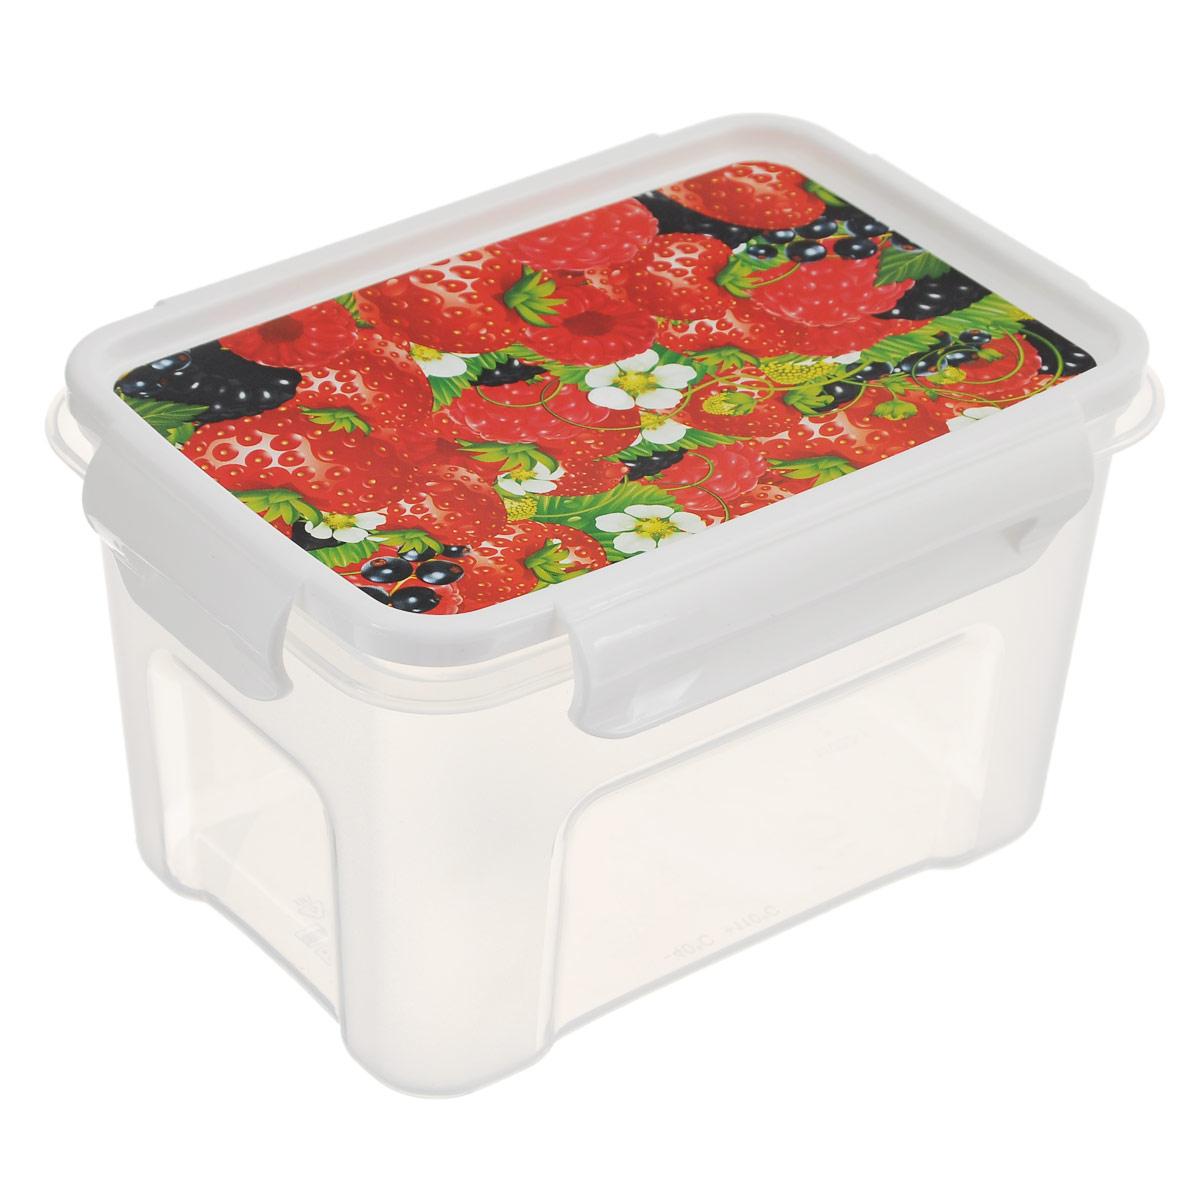 Контейнер Полимербыт Лок декор. Ягоды, цвет: прозрачный, 1,1 лС76201Контейнер Полимербыт Лок декор прямоугольной формы, изготовленный из прочного пластика, предназначен специально для хранения пищевых продуктов. Крышка, декорированная изображением ягод, легко открывается и плотно закрывается. Контейнер устойчив к воздействию масел и жиров, легко моется. Прозрачные стенки позволяют видеть содержимое. Контейнер имеет возможность хранения продуктов глубокой заморозки, обладает высокой прочностью. Можно мыть в посудомоечной машине. Подходит для использования в микроволновых печах.